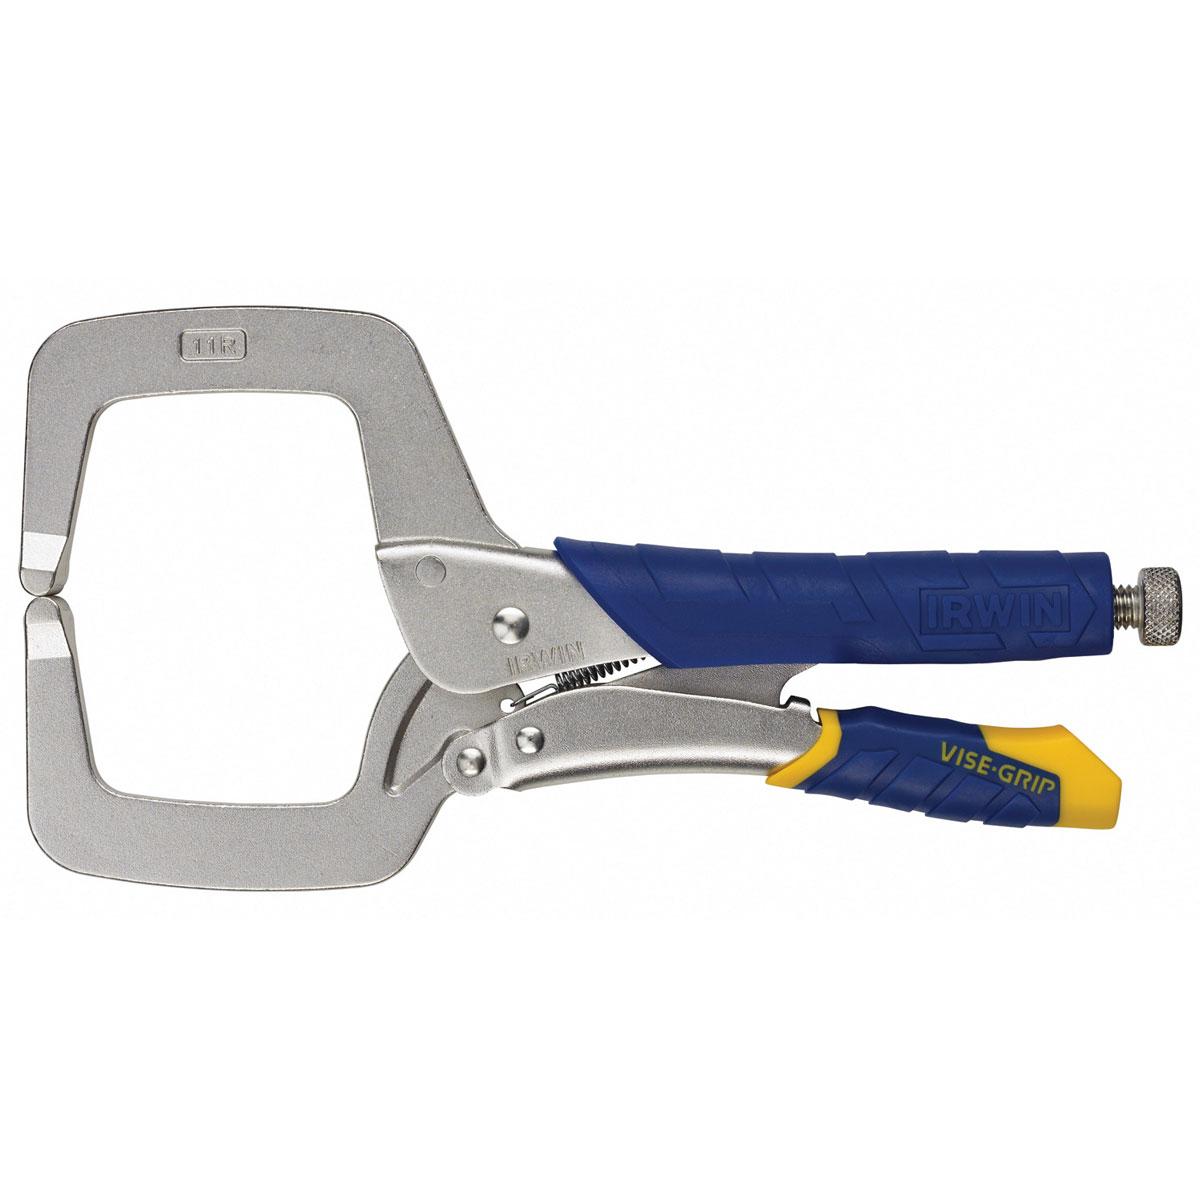 Щипцы-зажим С-типа Irwin 11R с пластиковыми ручками, длина 27,5 см10507189Зажимные щипцы Irwin типа С c неподвижными губками можно легко использовать одной рукой. Благодаря дополнительному пространству для пальцев это идеальный инструмент для тех, кто предпочитает работать в перчатках. Легкость и контроль во время открытия щипцов без применения дополнительной силы. Без вероятности защемления пальцев. Регулировочный винт с торцевой головкой под шестигранный торцевой ключ обеспечивает контролируемое разжатие губок и надежное закрепление деталей. Максимальное раскрытие 100 мм.